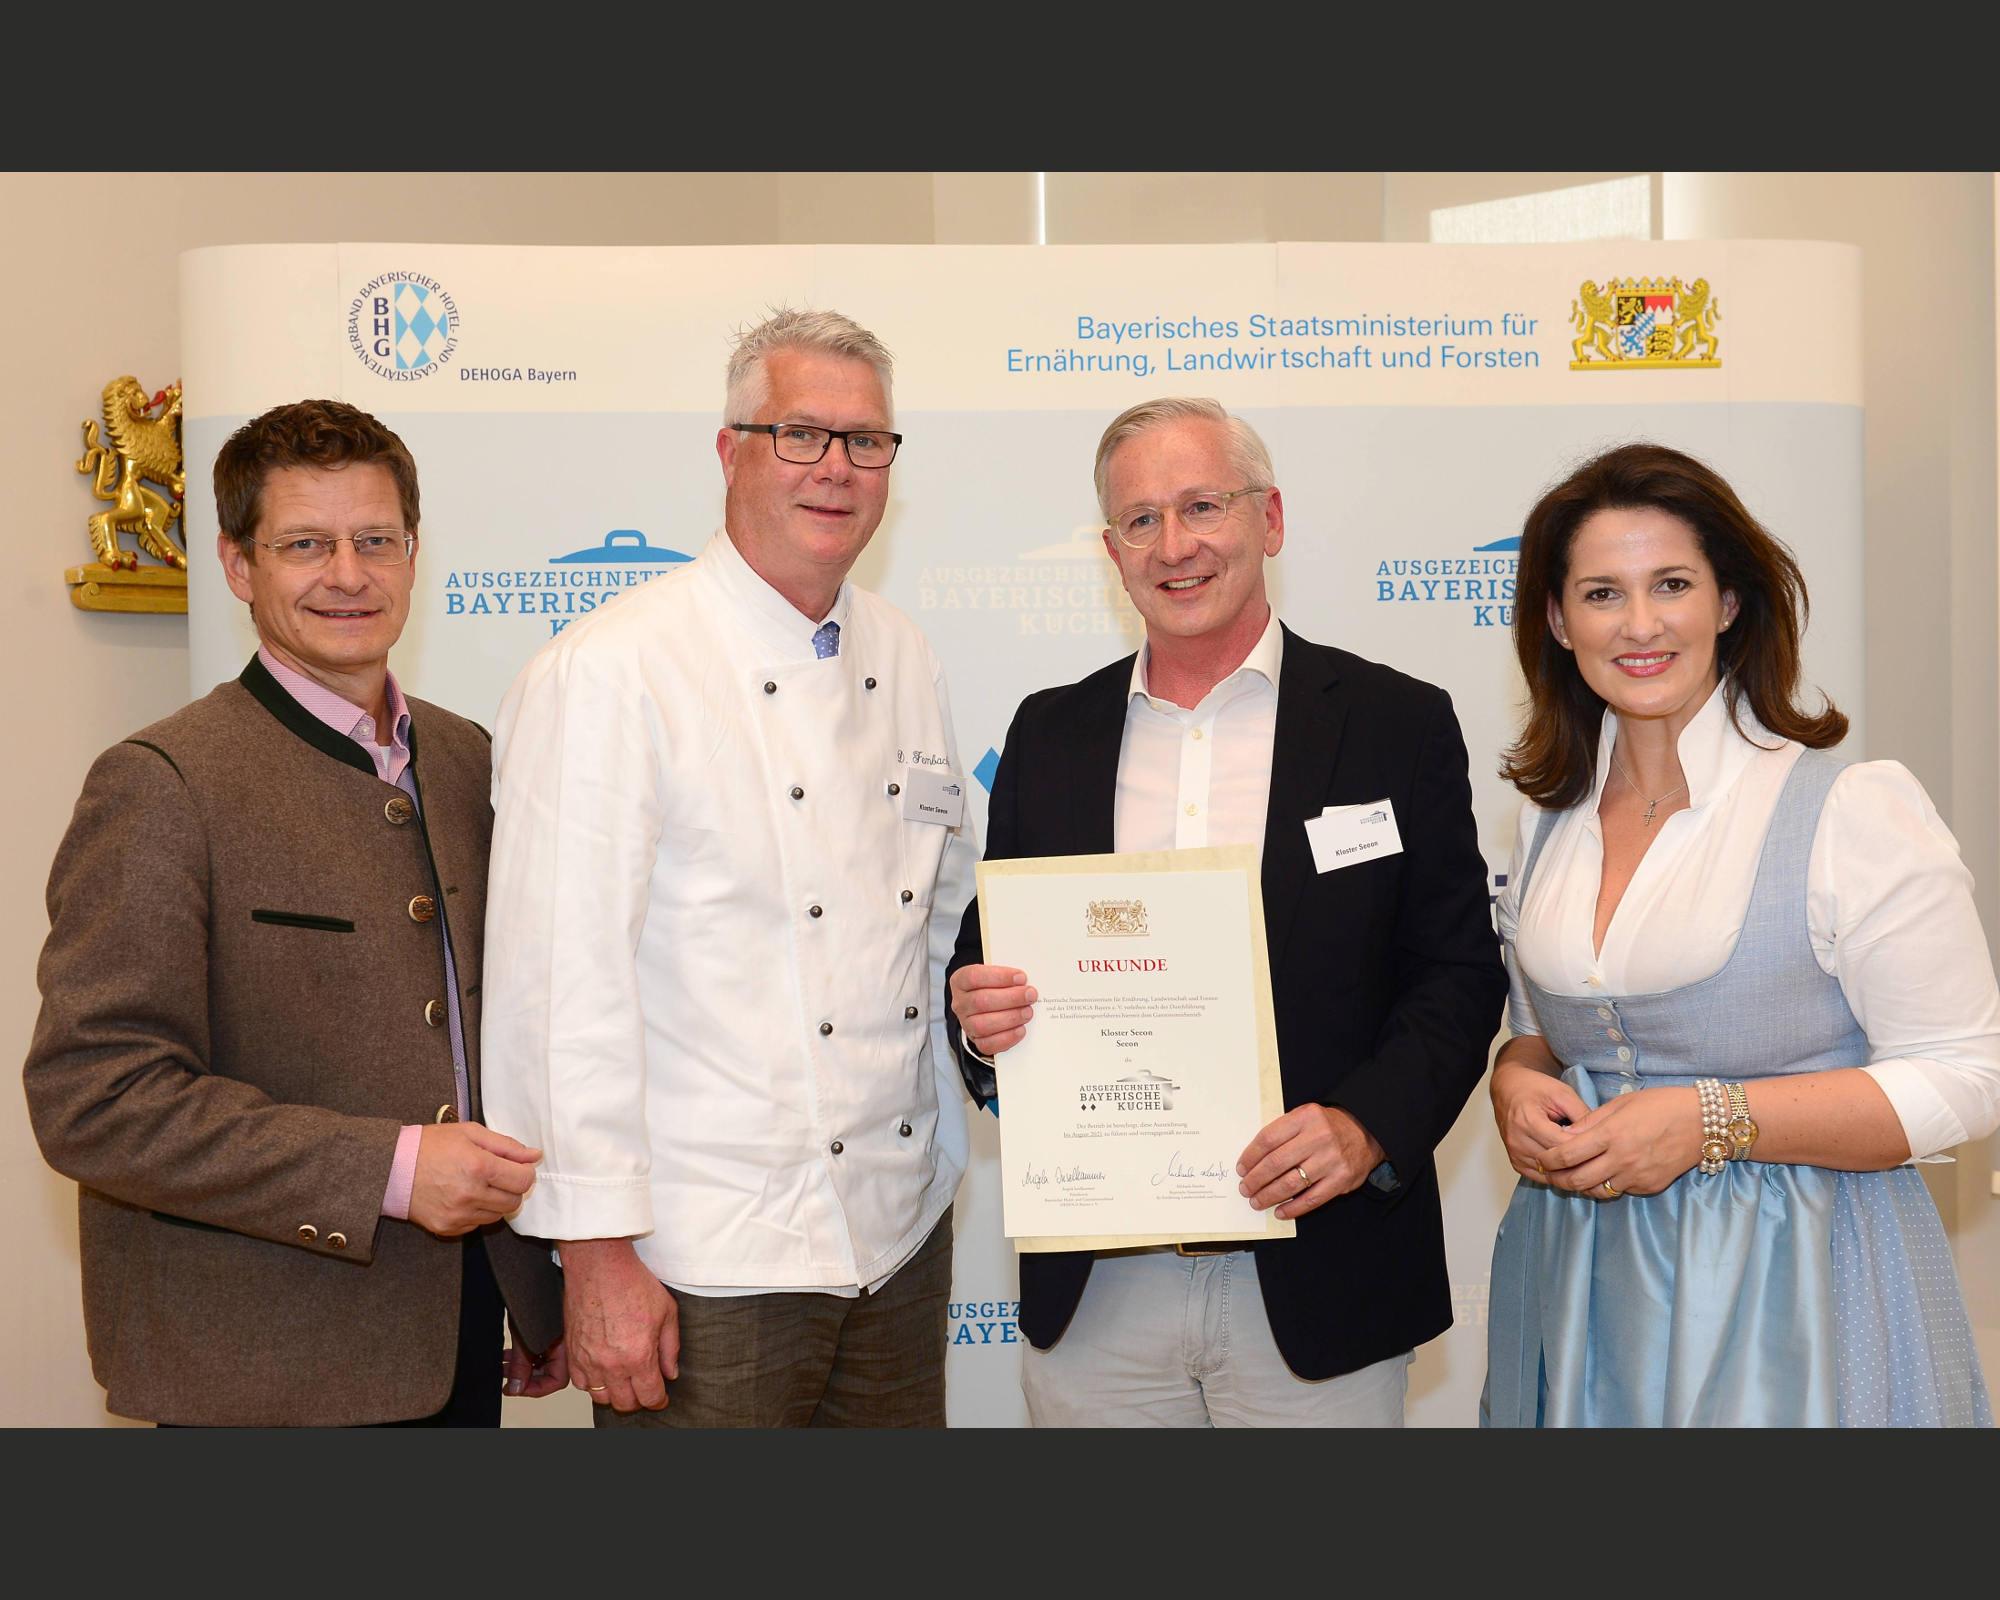 Abb. zu Artikel Ausgezeichnete Bayerische Küche